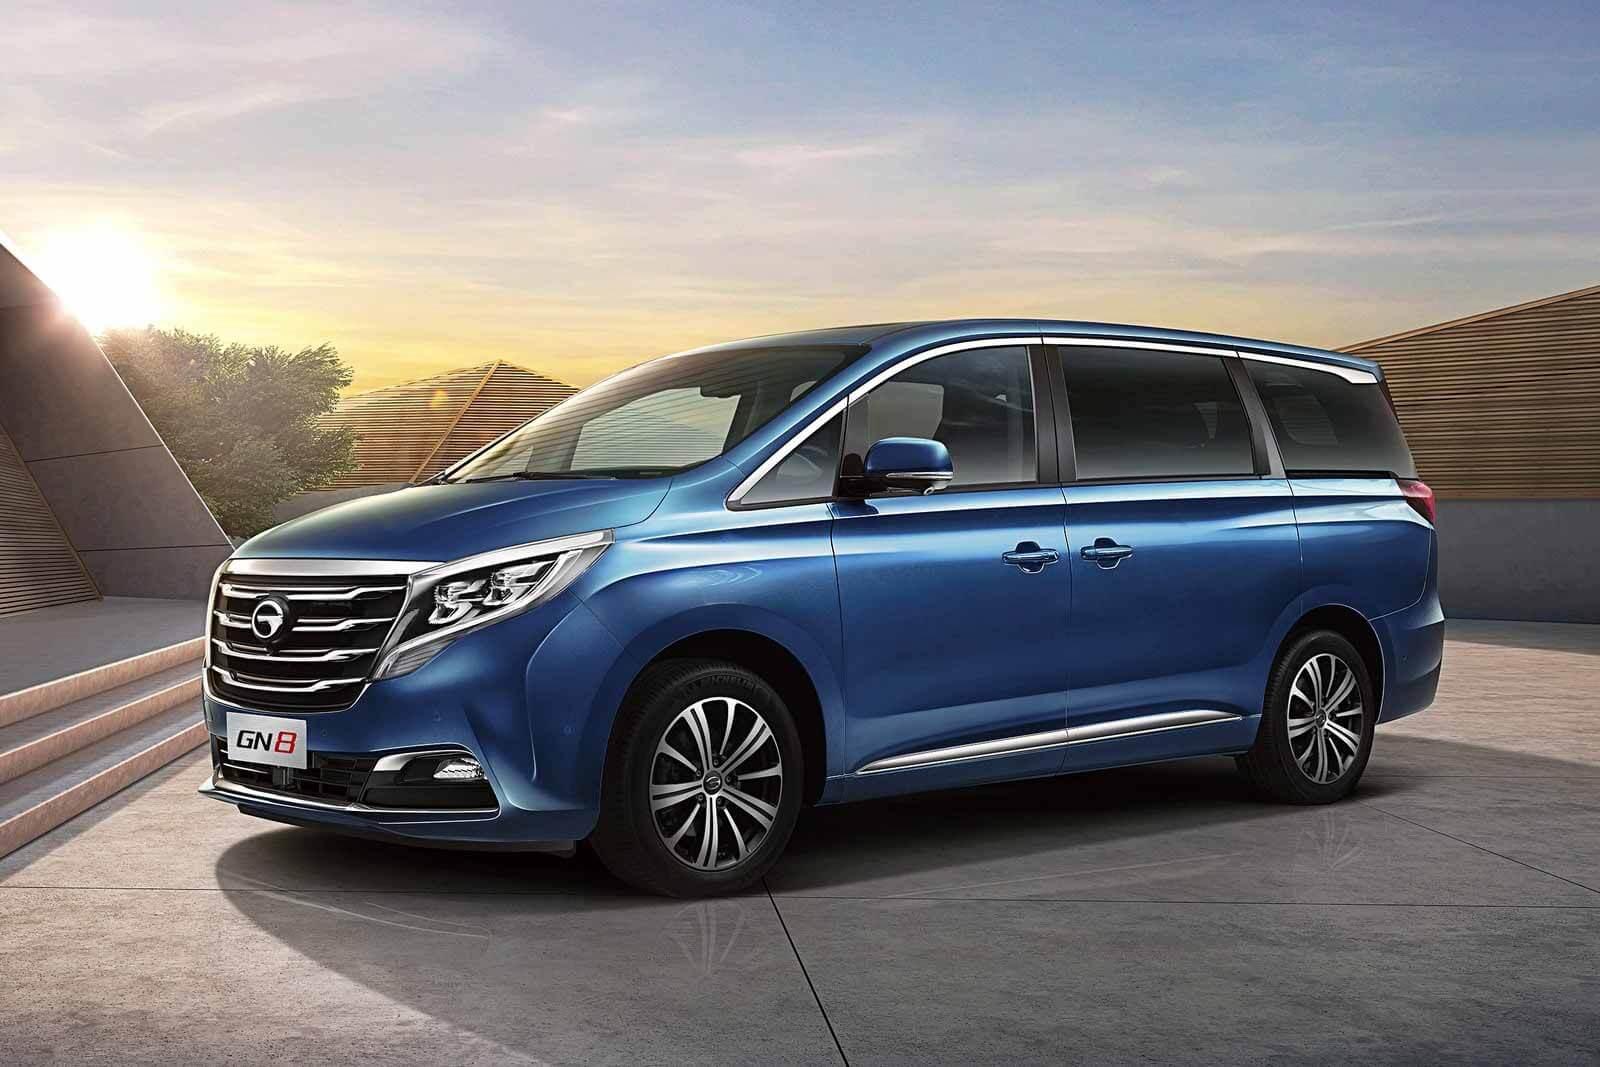 Китайский бизнес-фургон GAC GN8 в России: объявлены цены